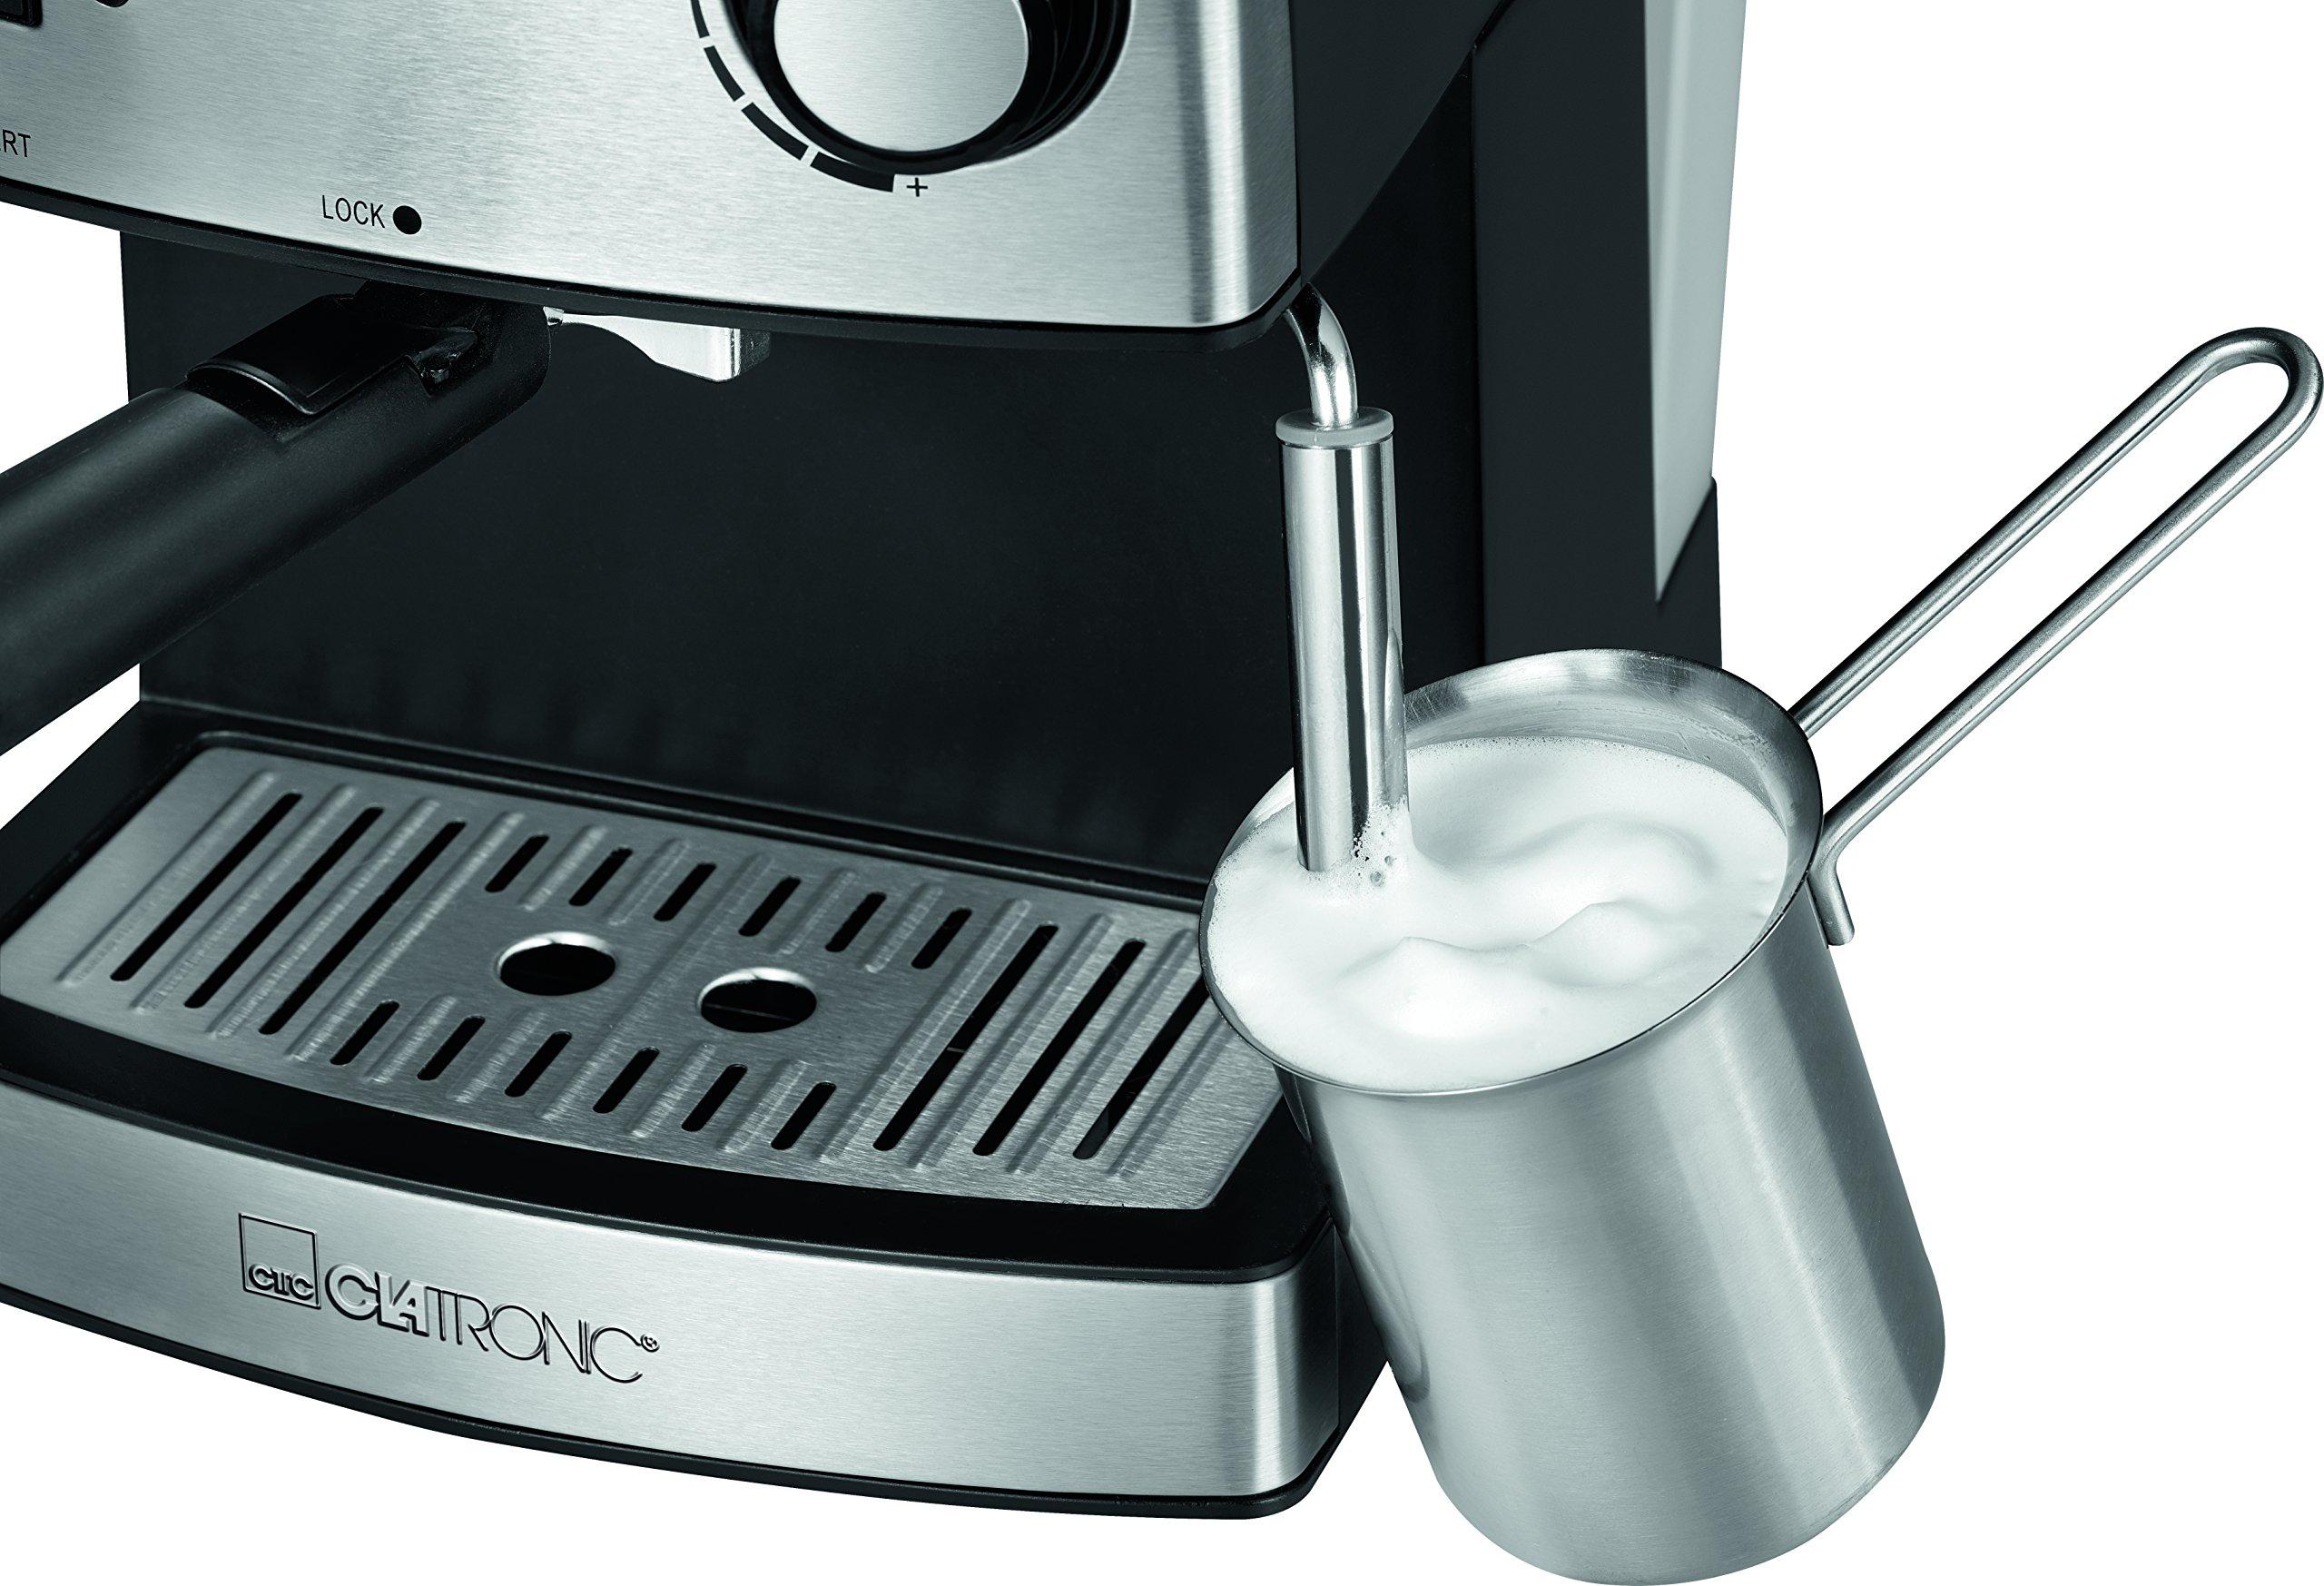 Clatronic-ES-3643-Espresso-und-Cappuccino-Automat-Edelstahlfront-15-bar-Pumpdruck-16-Liter-Wasserstand-Tassenvorwrmfunktion-Schwenkbare-Edelstahldampfdse-mit-Aufschum-und-Heiwasserfunktion